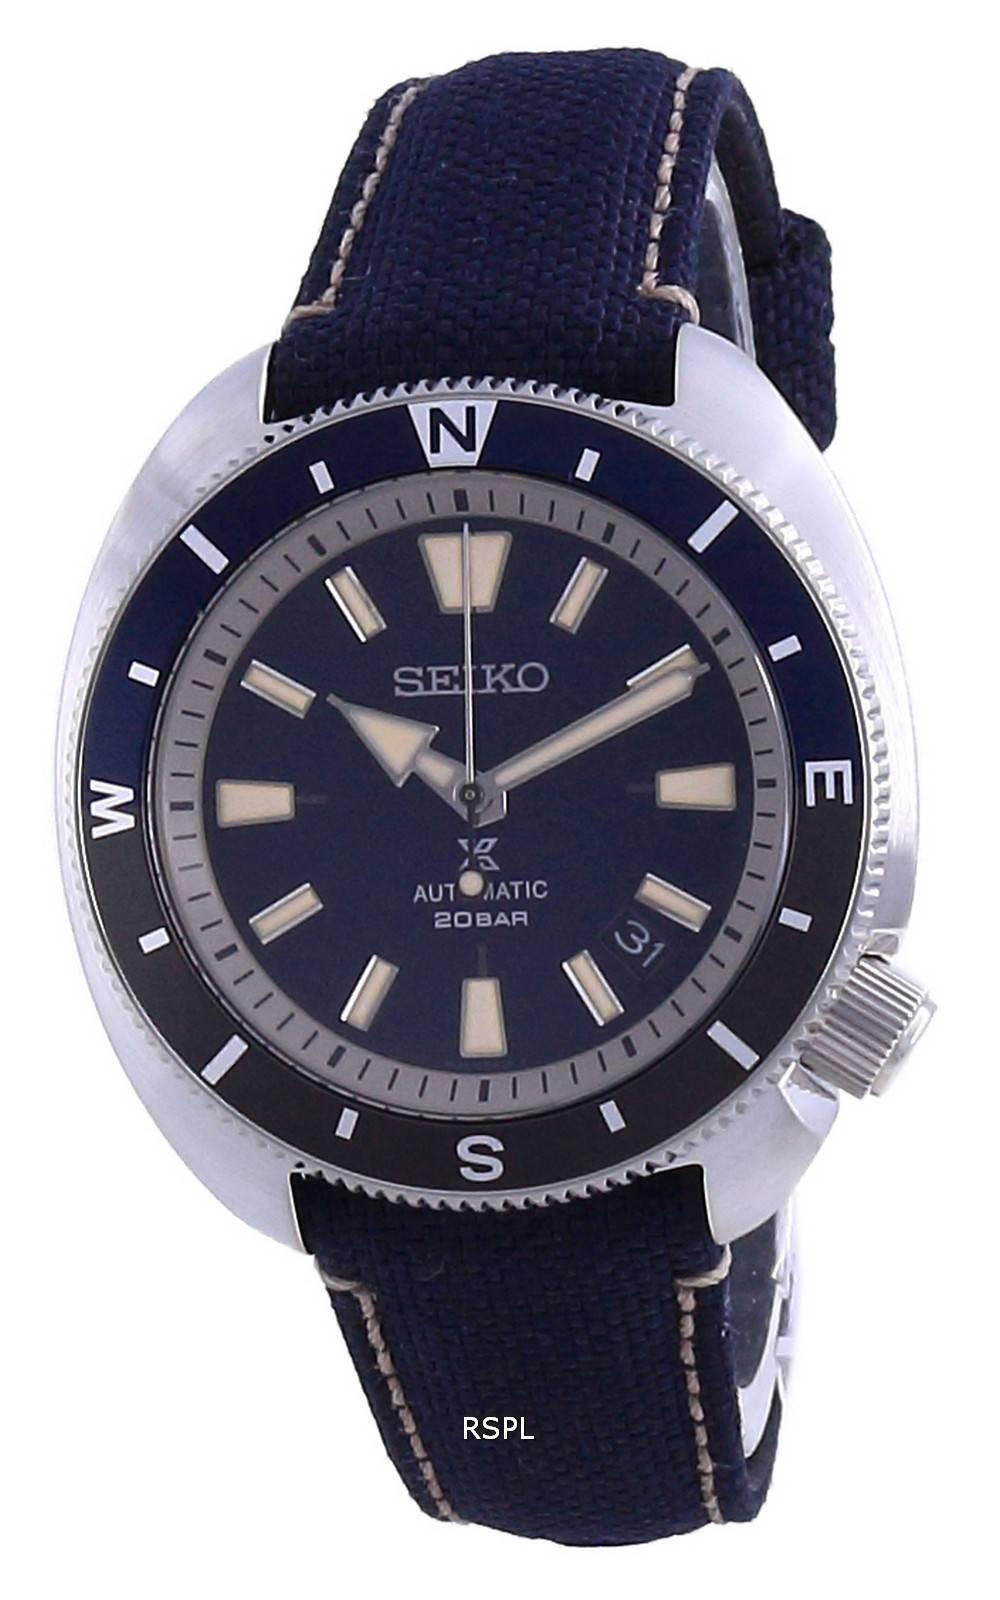 Seiko Prospex Land Tortoise Automatic Diver&#39,s SRPG15 SRPG15K1 SRPG15K 200M miesten kello